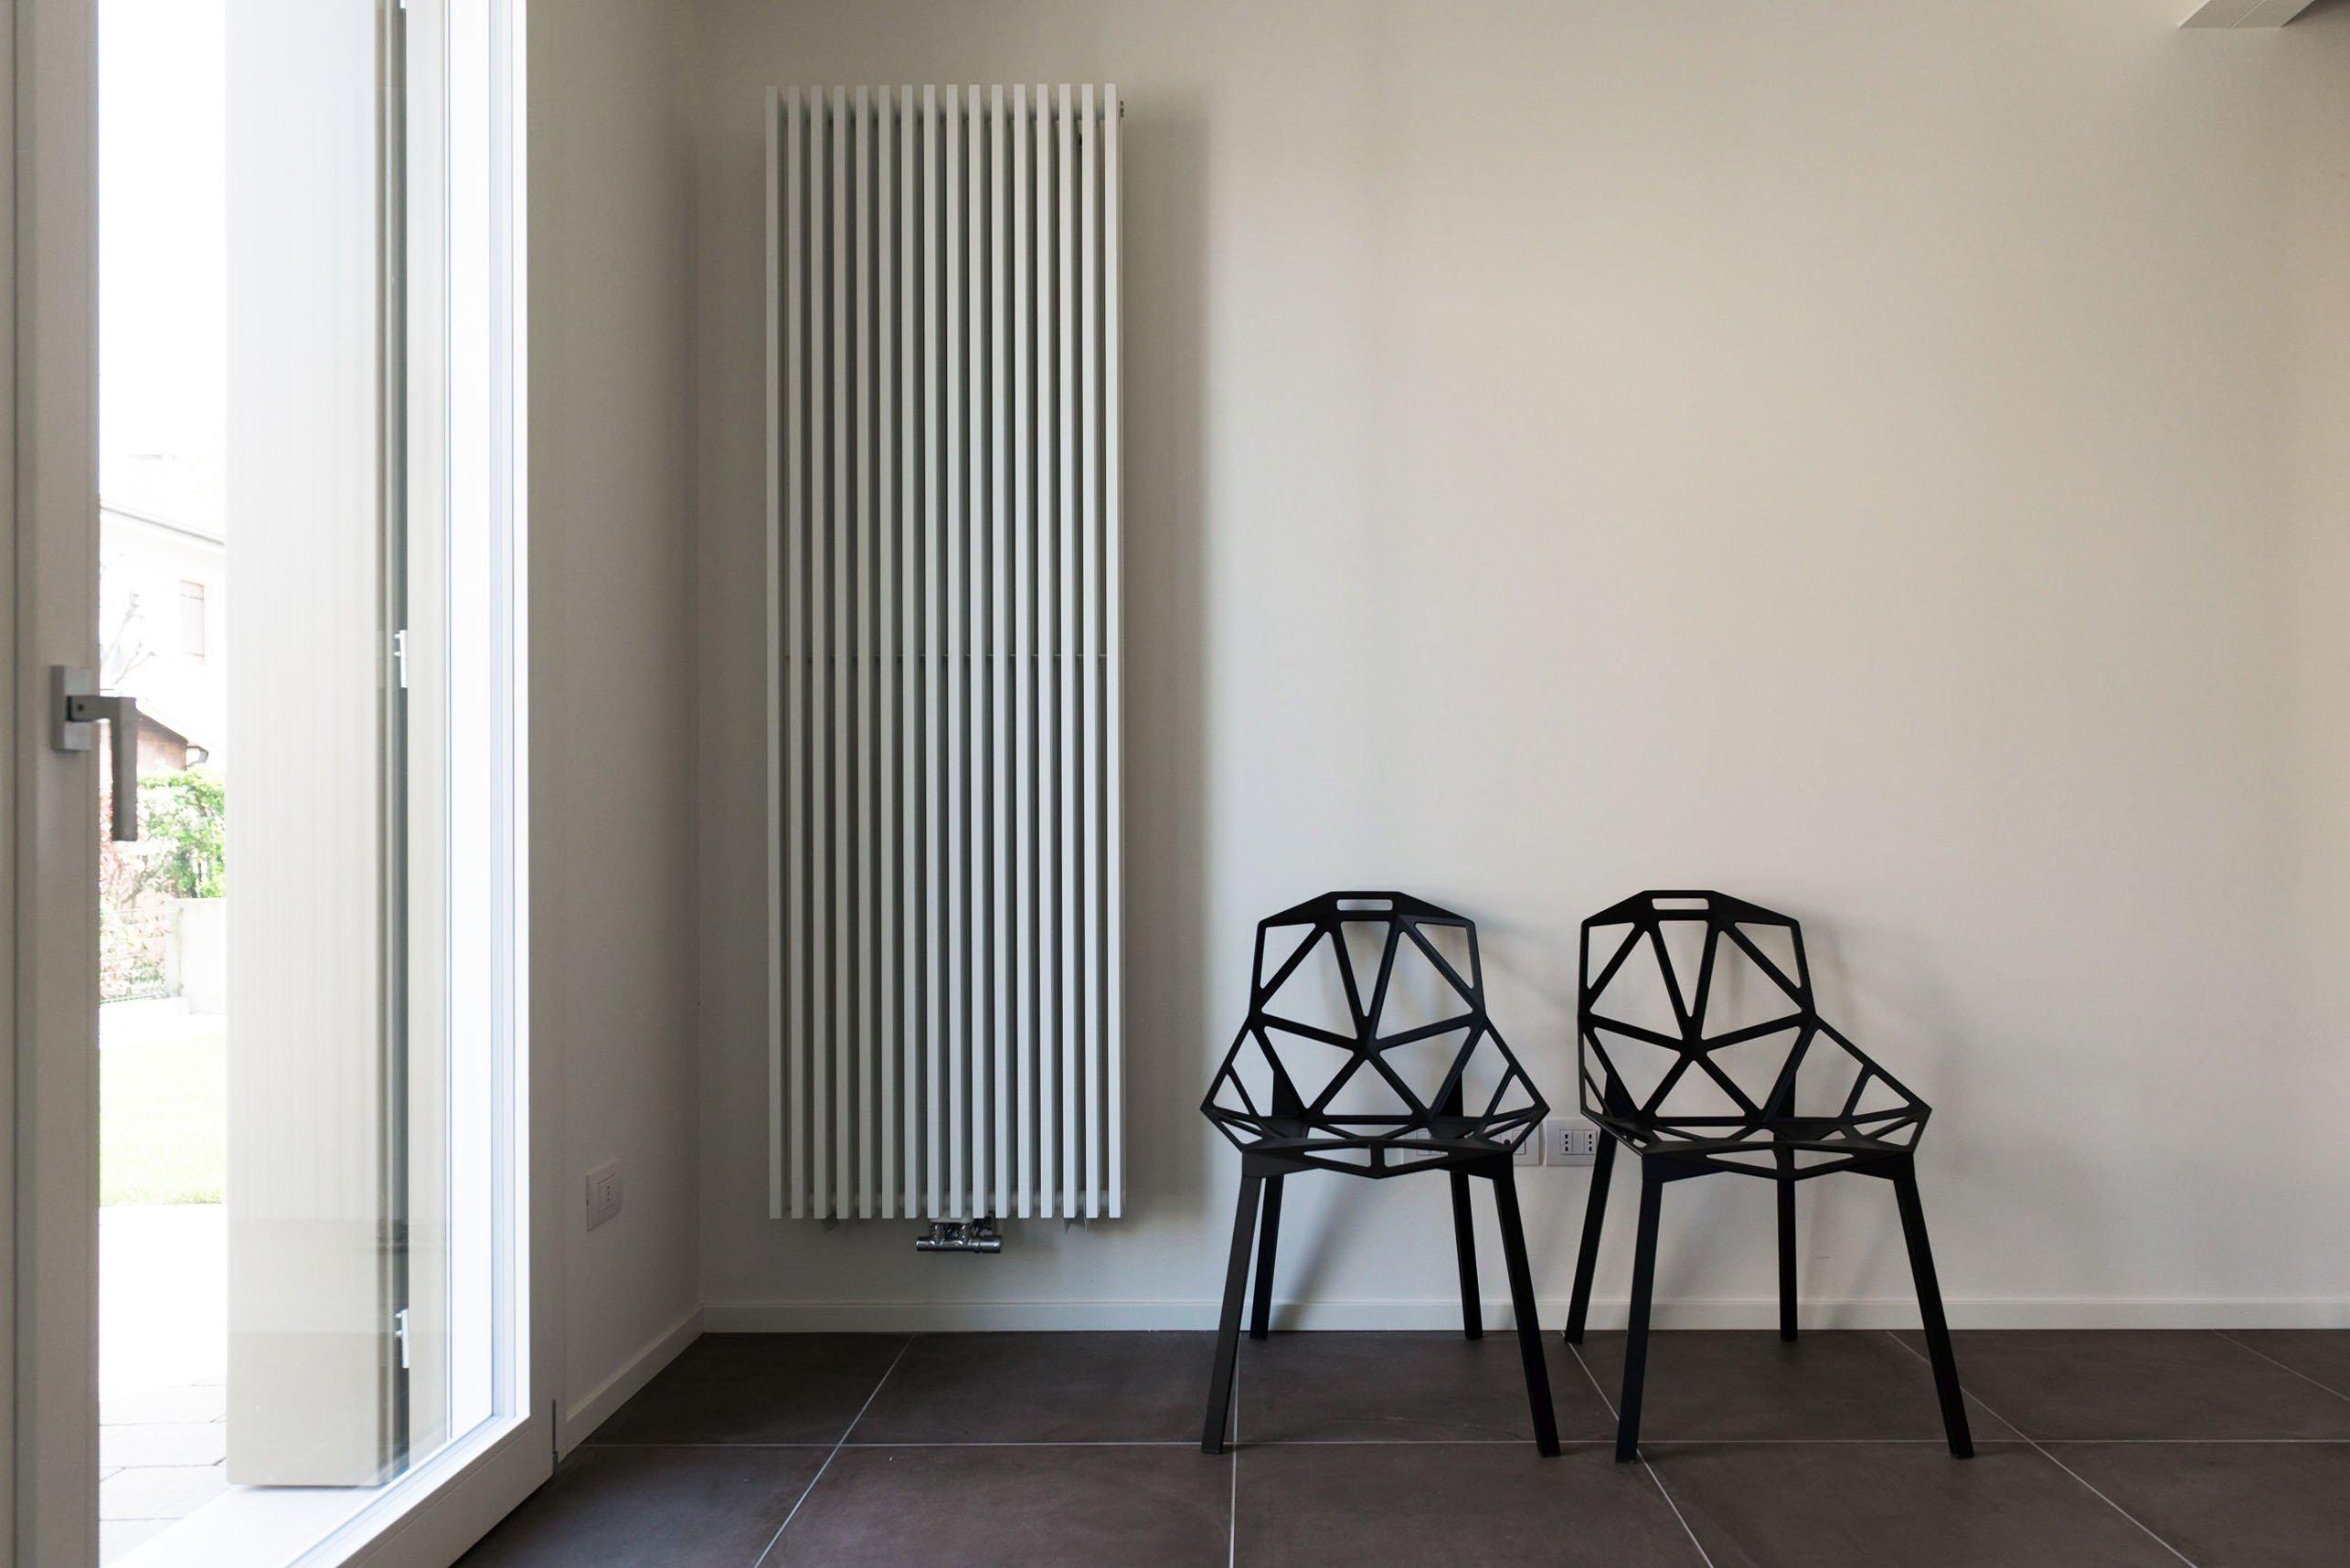 Radiatori vasco il comfort partner ideale per le for Vasco radiatori